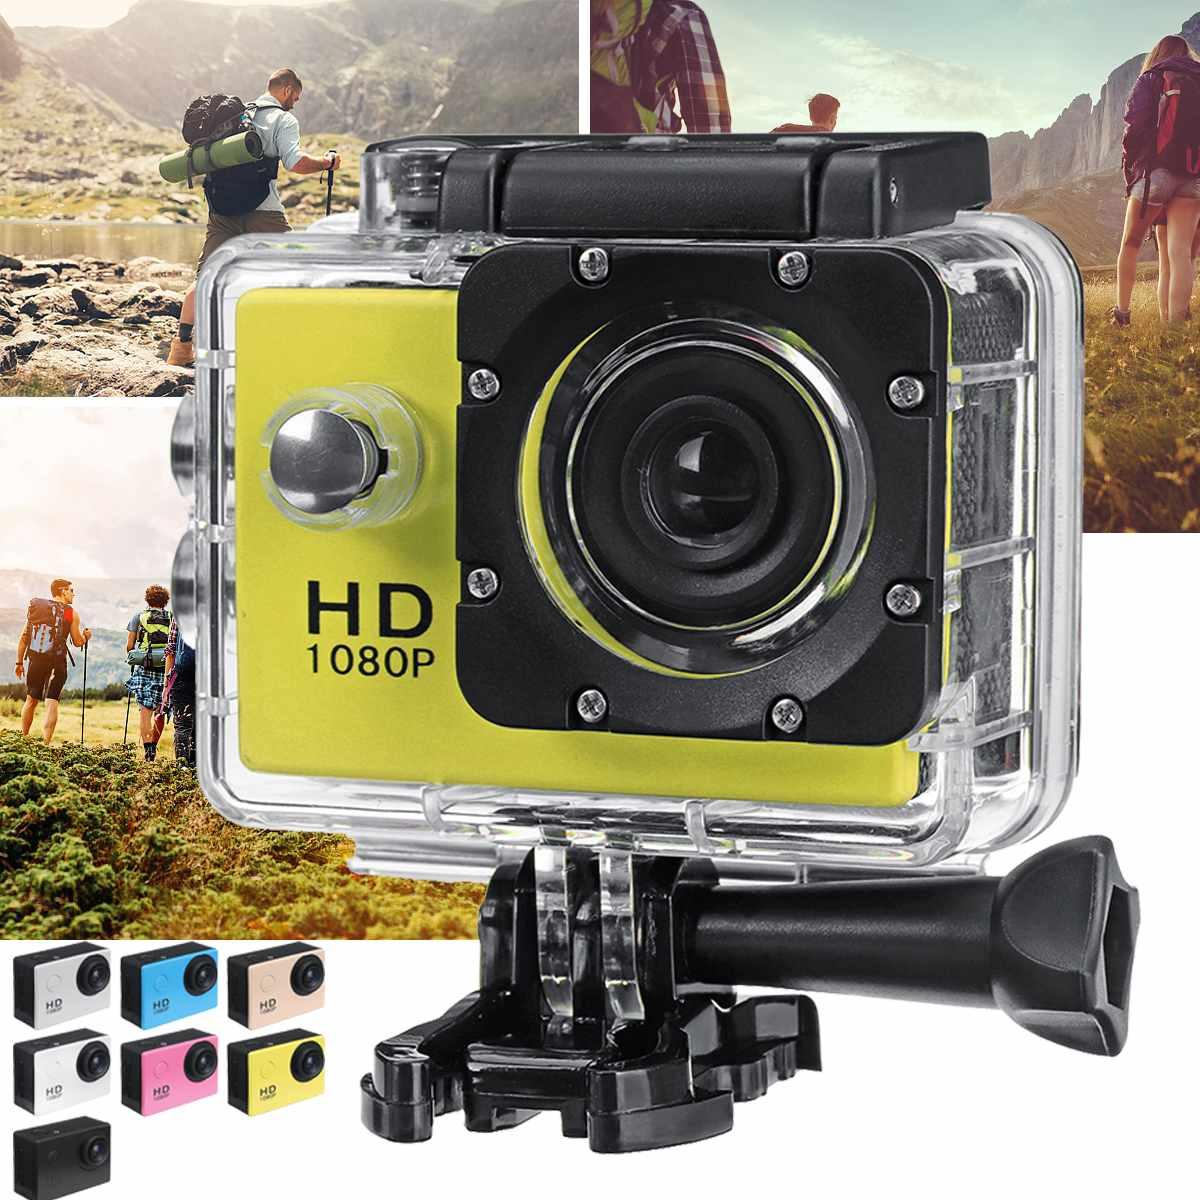 4K 1080P 2,0 ''камера рекордер ЖК-экран Водонепроницаемый Открытый Катание на лыжах Вождение Спорт DV видеокамера Многофункциональный